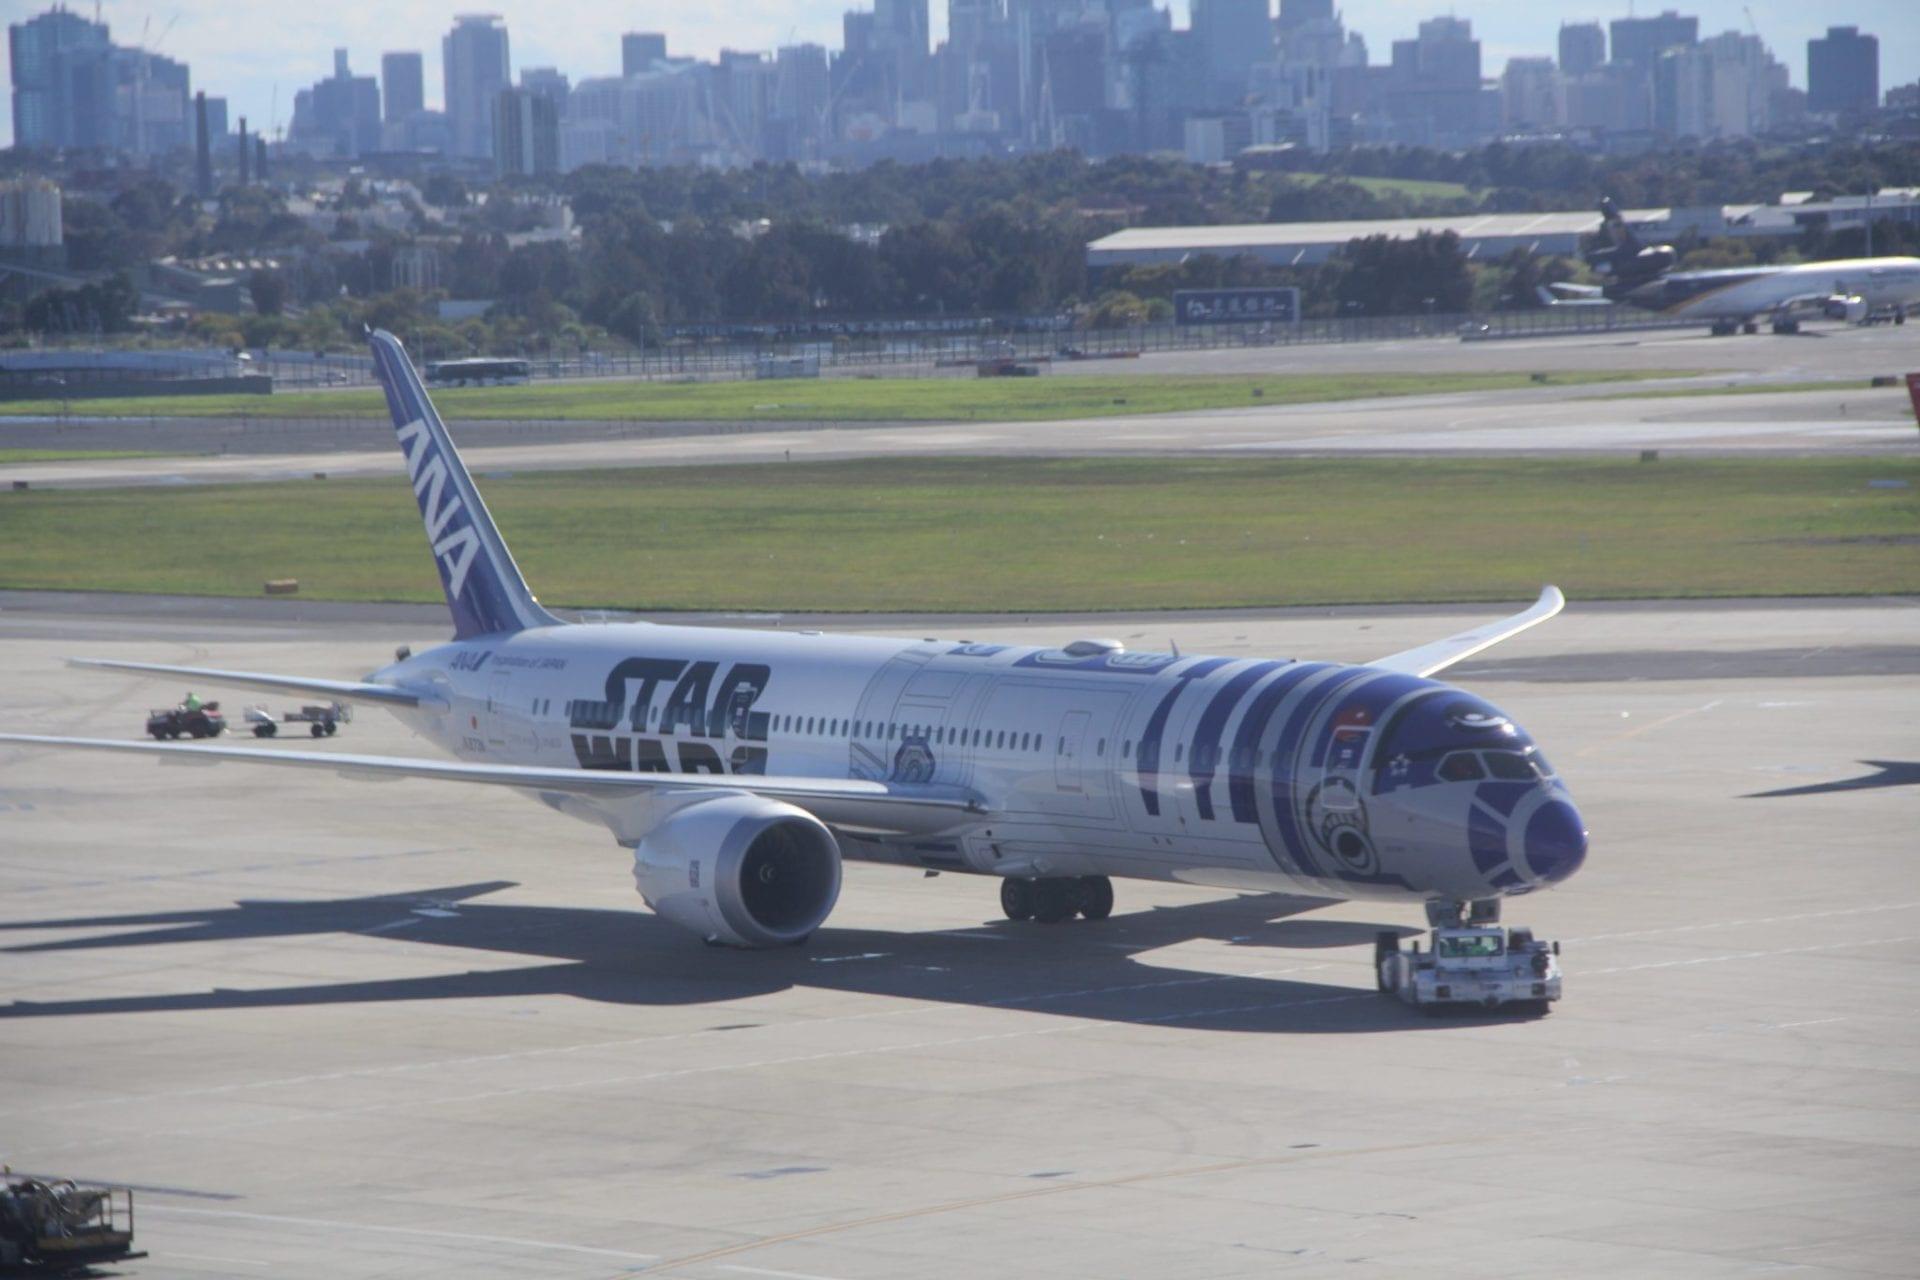 Auch mit ANA aus Japan hat Lufthansa eine ähnliche Zusammenarbeit